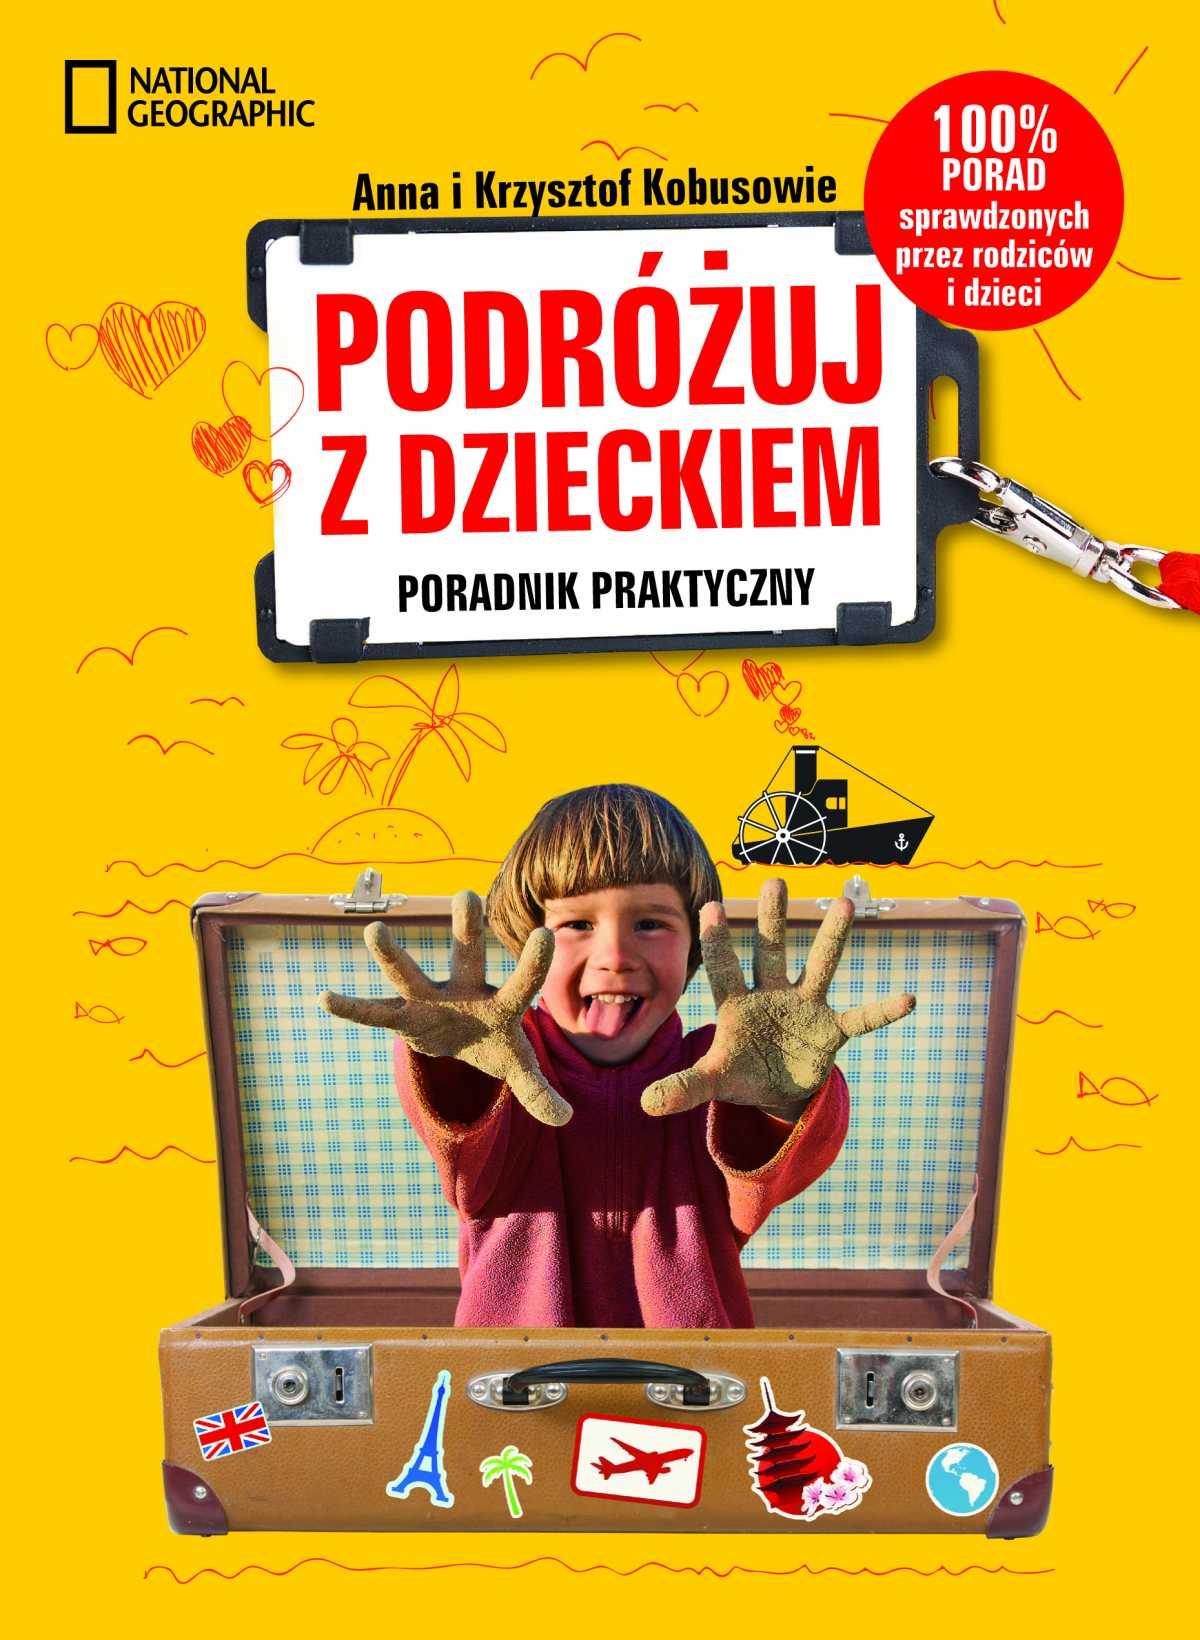 Podróżuj z dzieckiem! Poradnik praktyczny - Ebook (Książka na Kindle) do pobrania w formacie MOBI